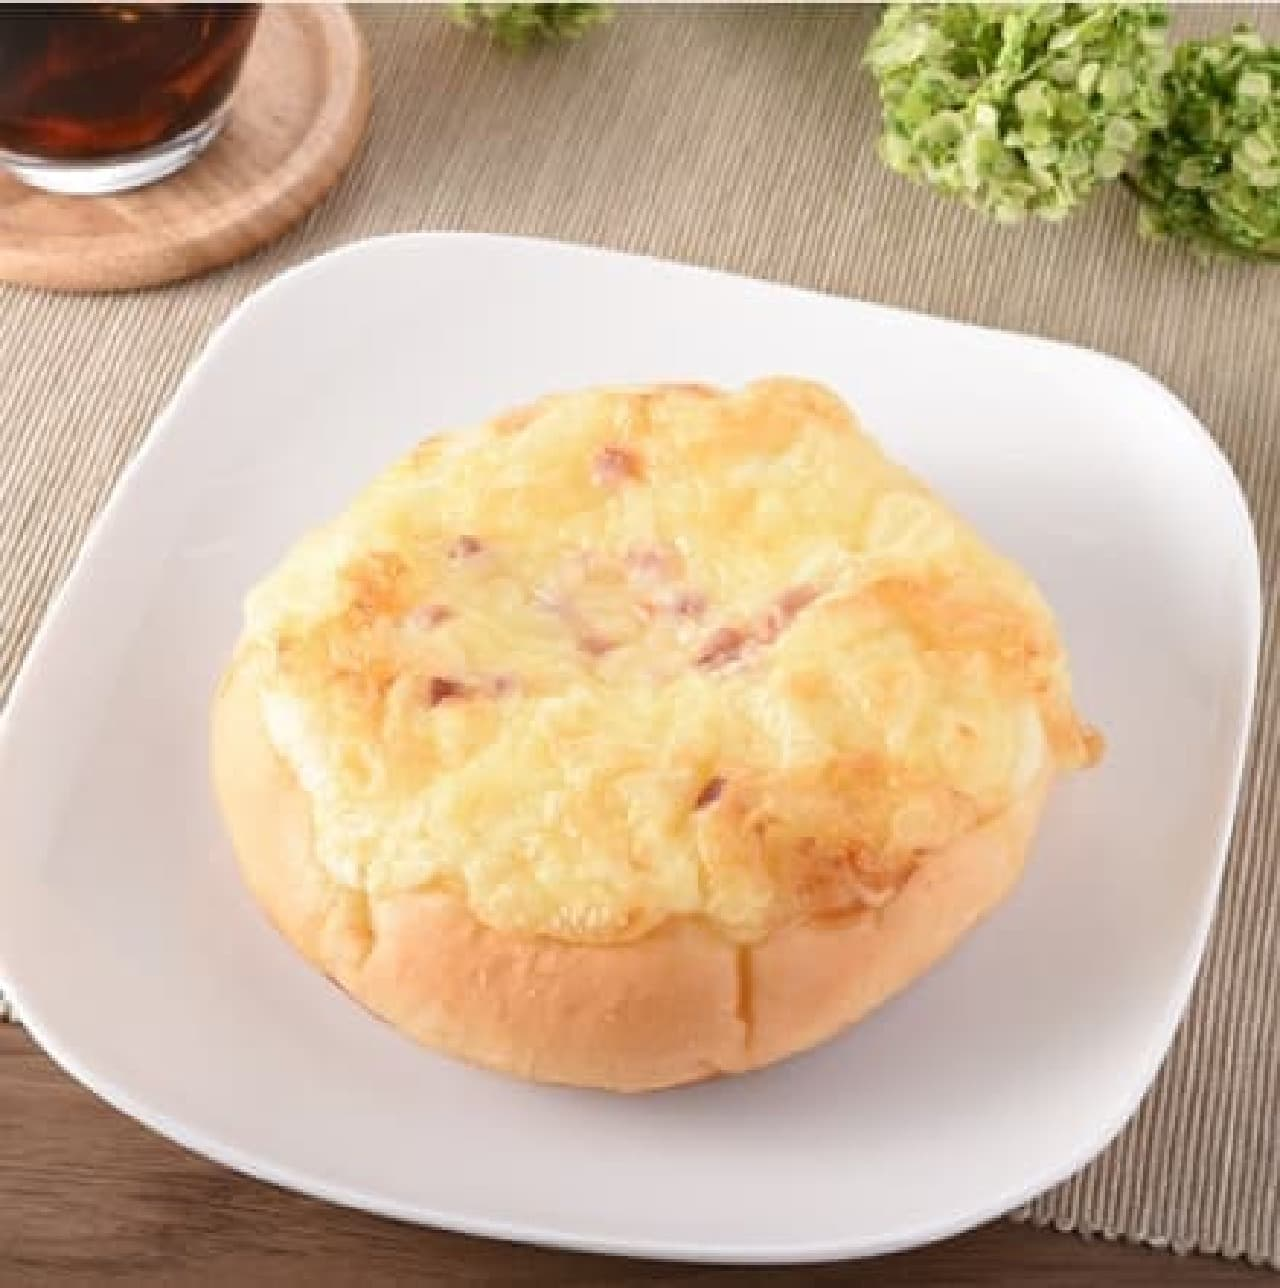 ファミリーマート「3種のチーズとベーコンのパン(バジル風味)」